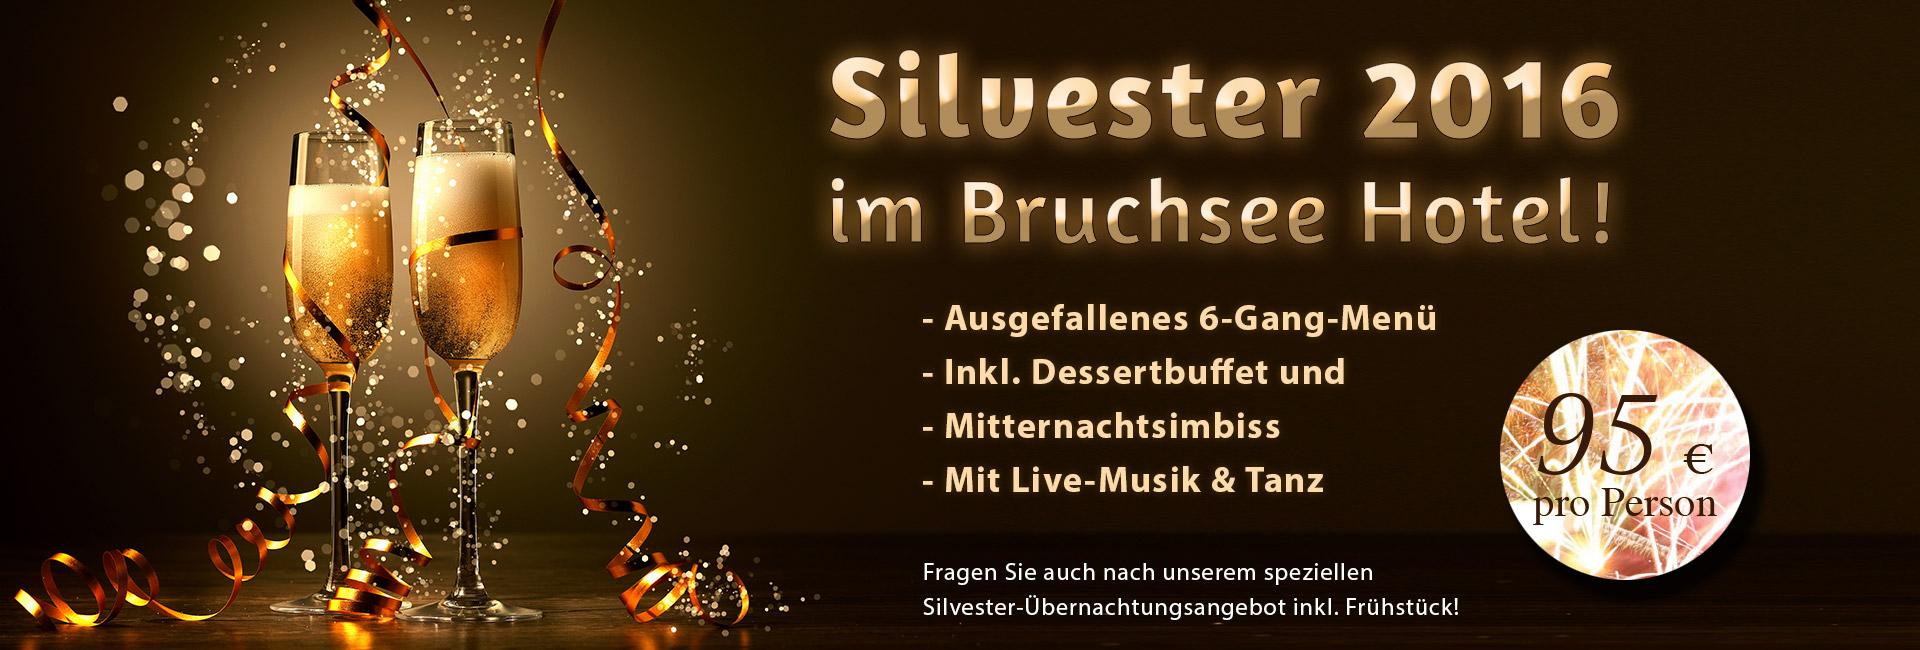 silvester-slide2016